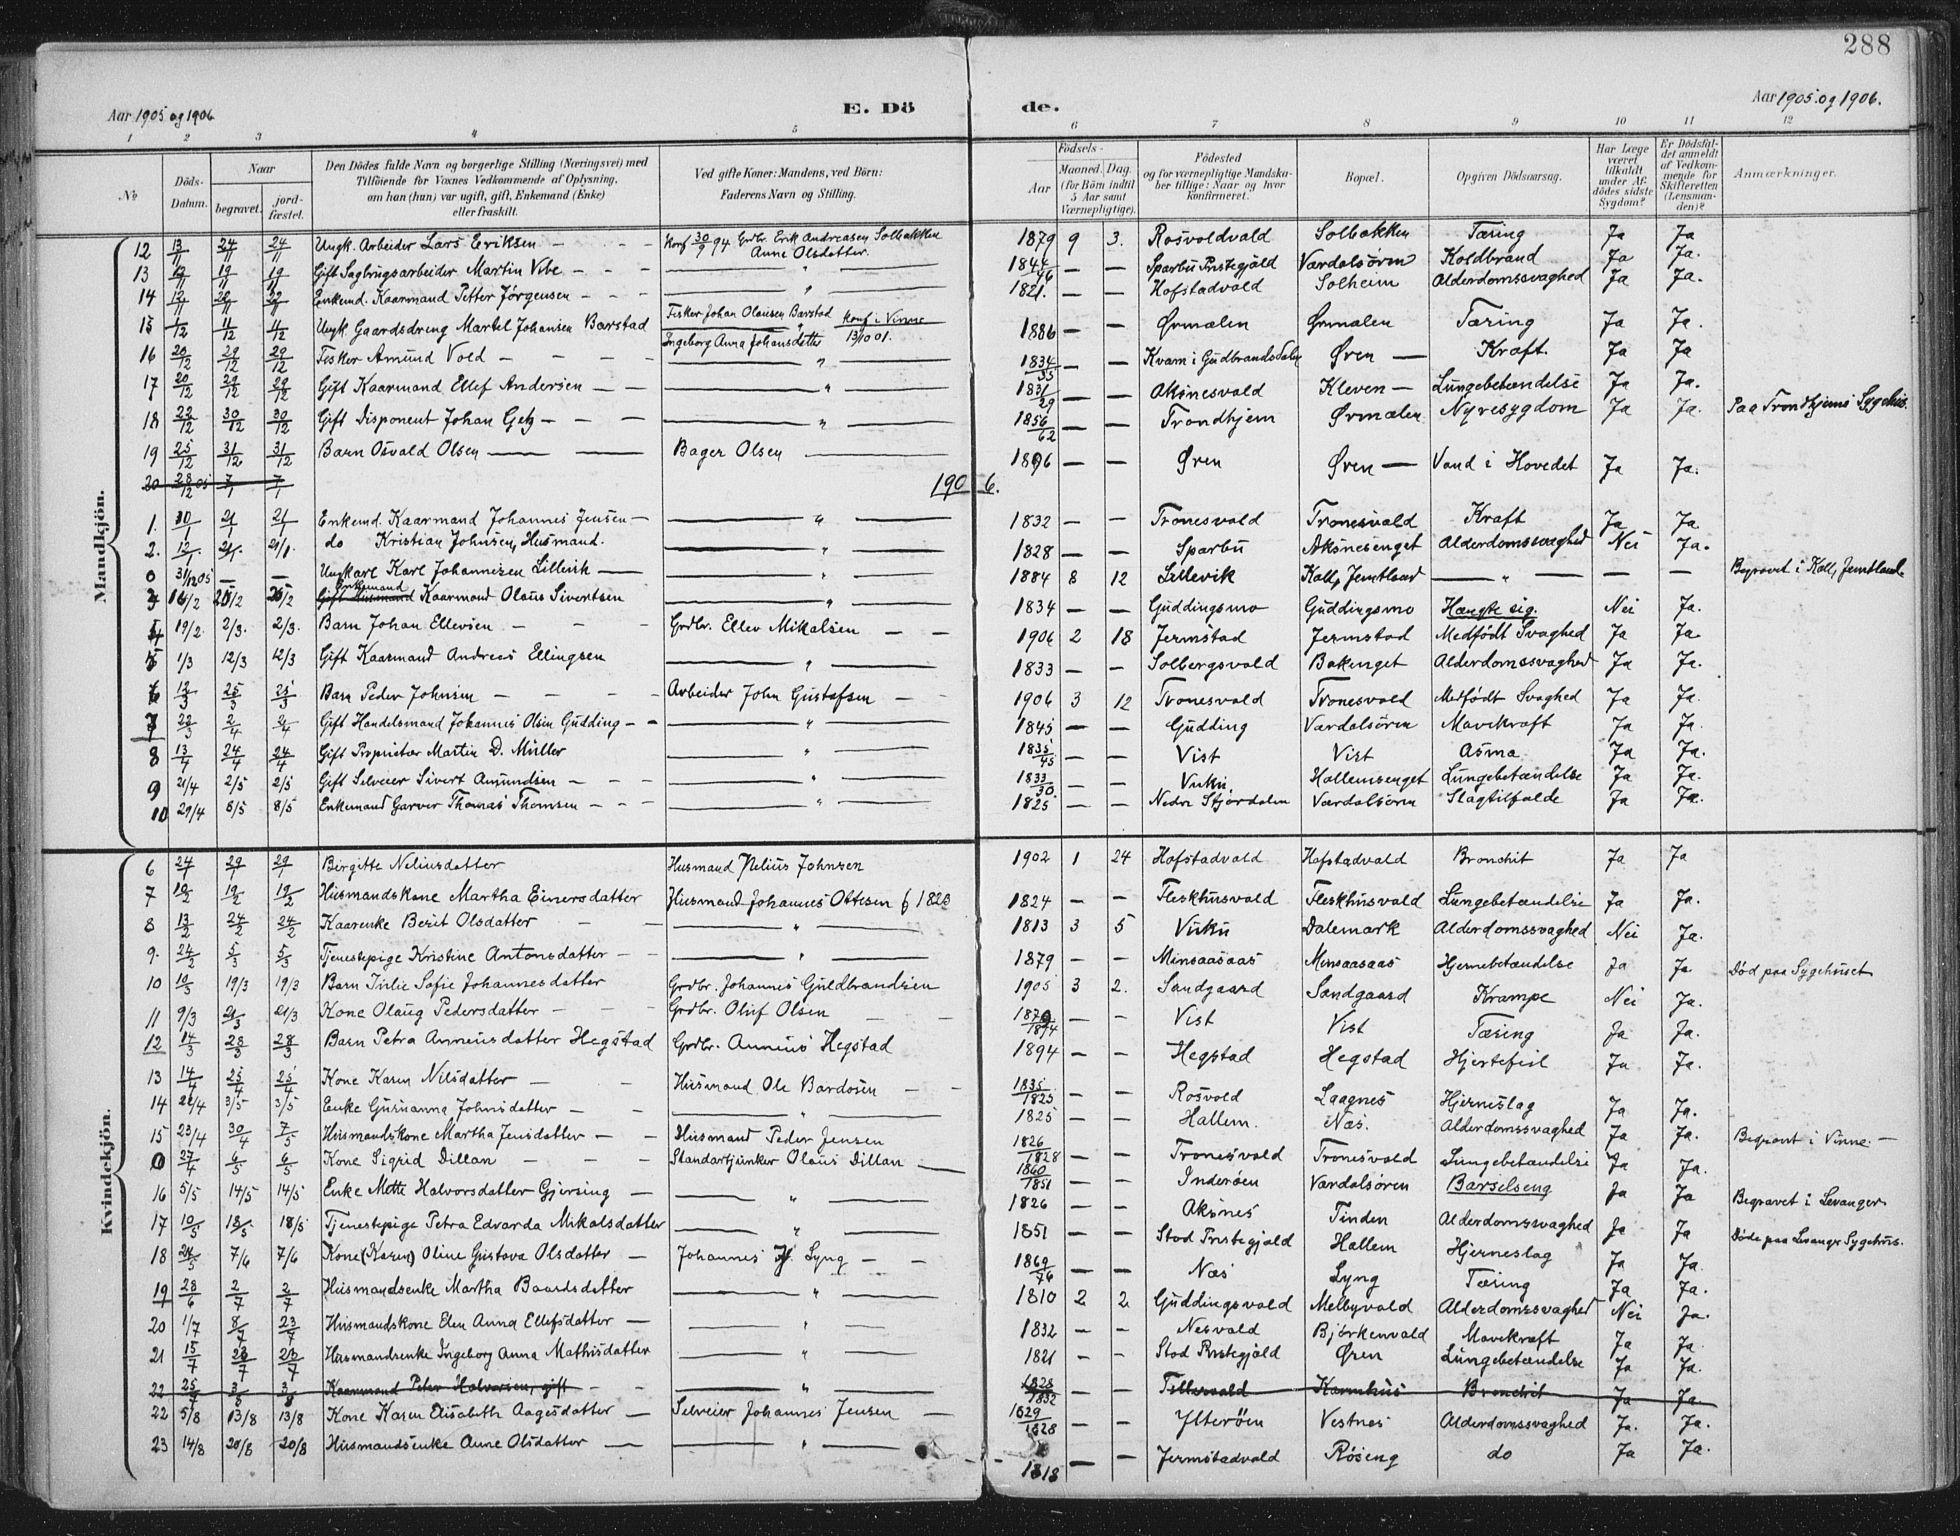 SAT, Ministerialprotokoller, klokkerbøker og fødselsregistre - Nord-Trøndelag, 723/L0246: Ministerialbok nr. 723A15, 1900-1917, s. 288